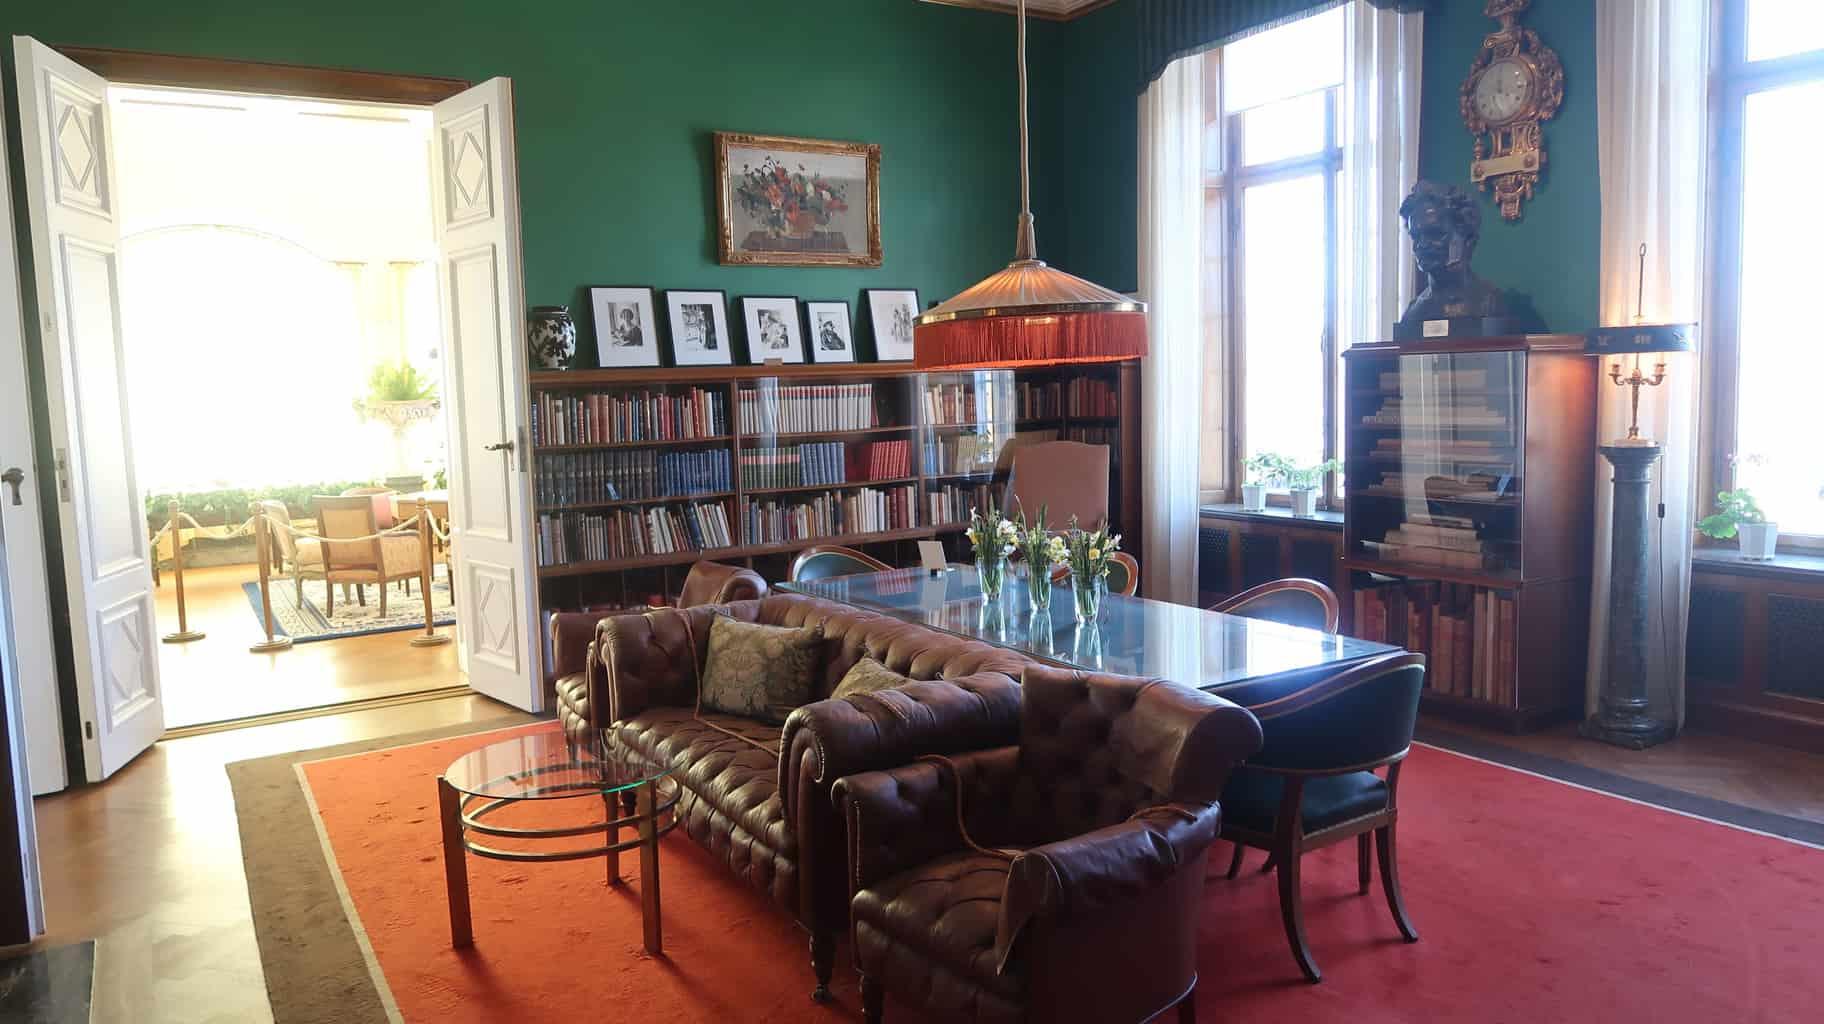 The library at Waldermarsudde.